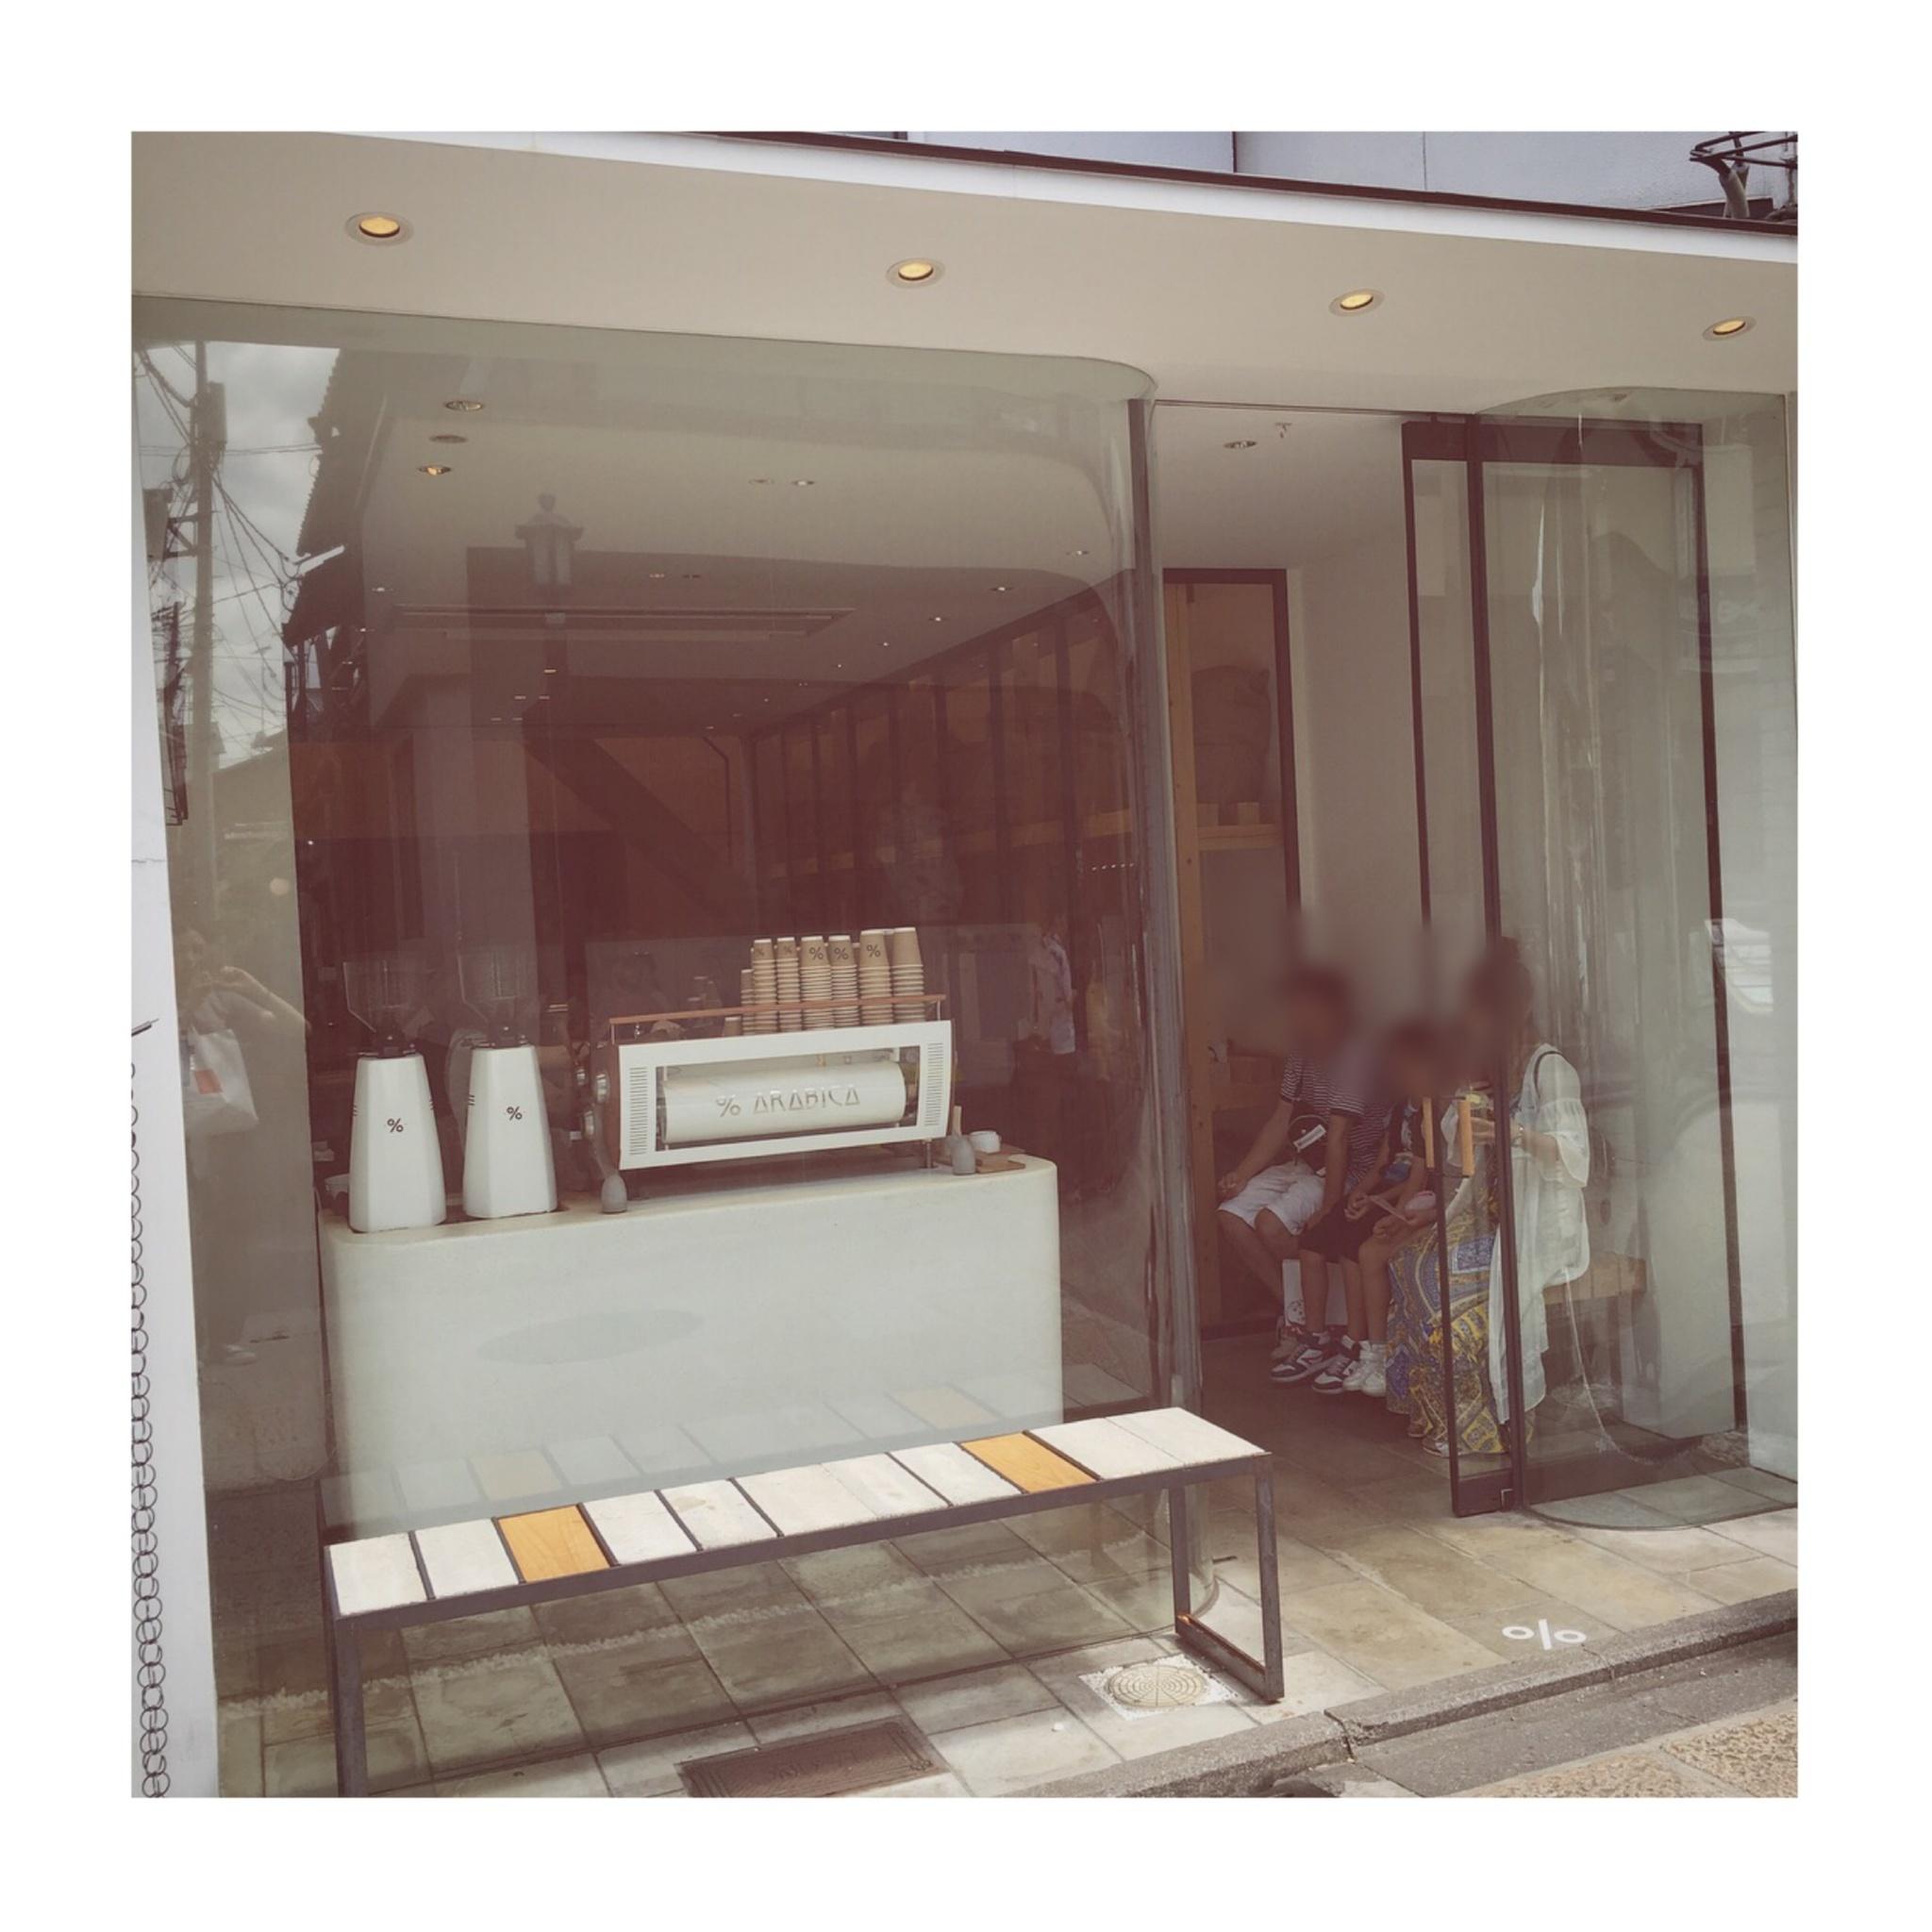 #10【#cafestagram】❤️:《京都》に行ったら寄りたい!おしゃれなカフェ「アラビカ 京都」でこだわりのコーヒーを☻_1